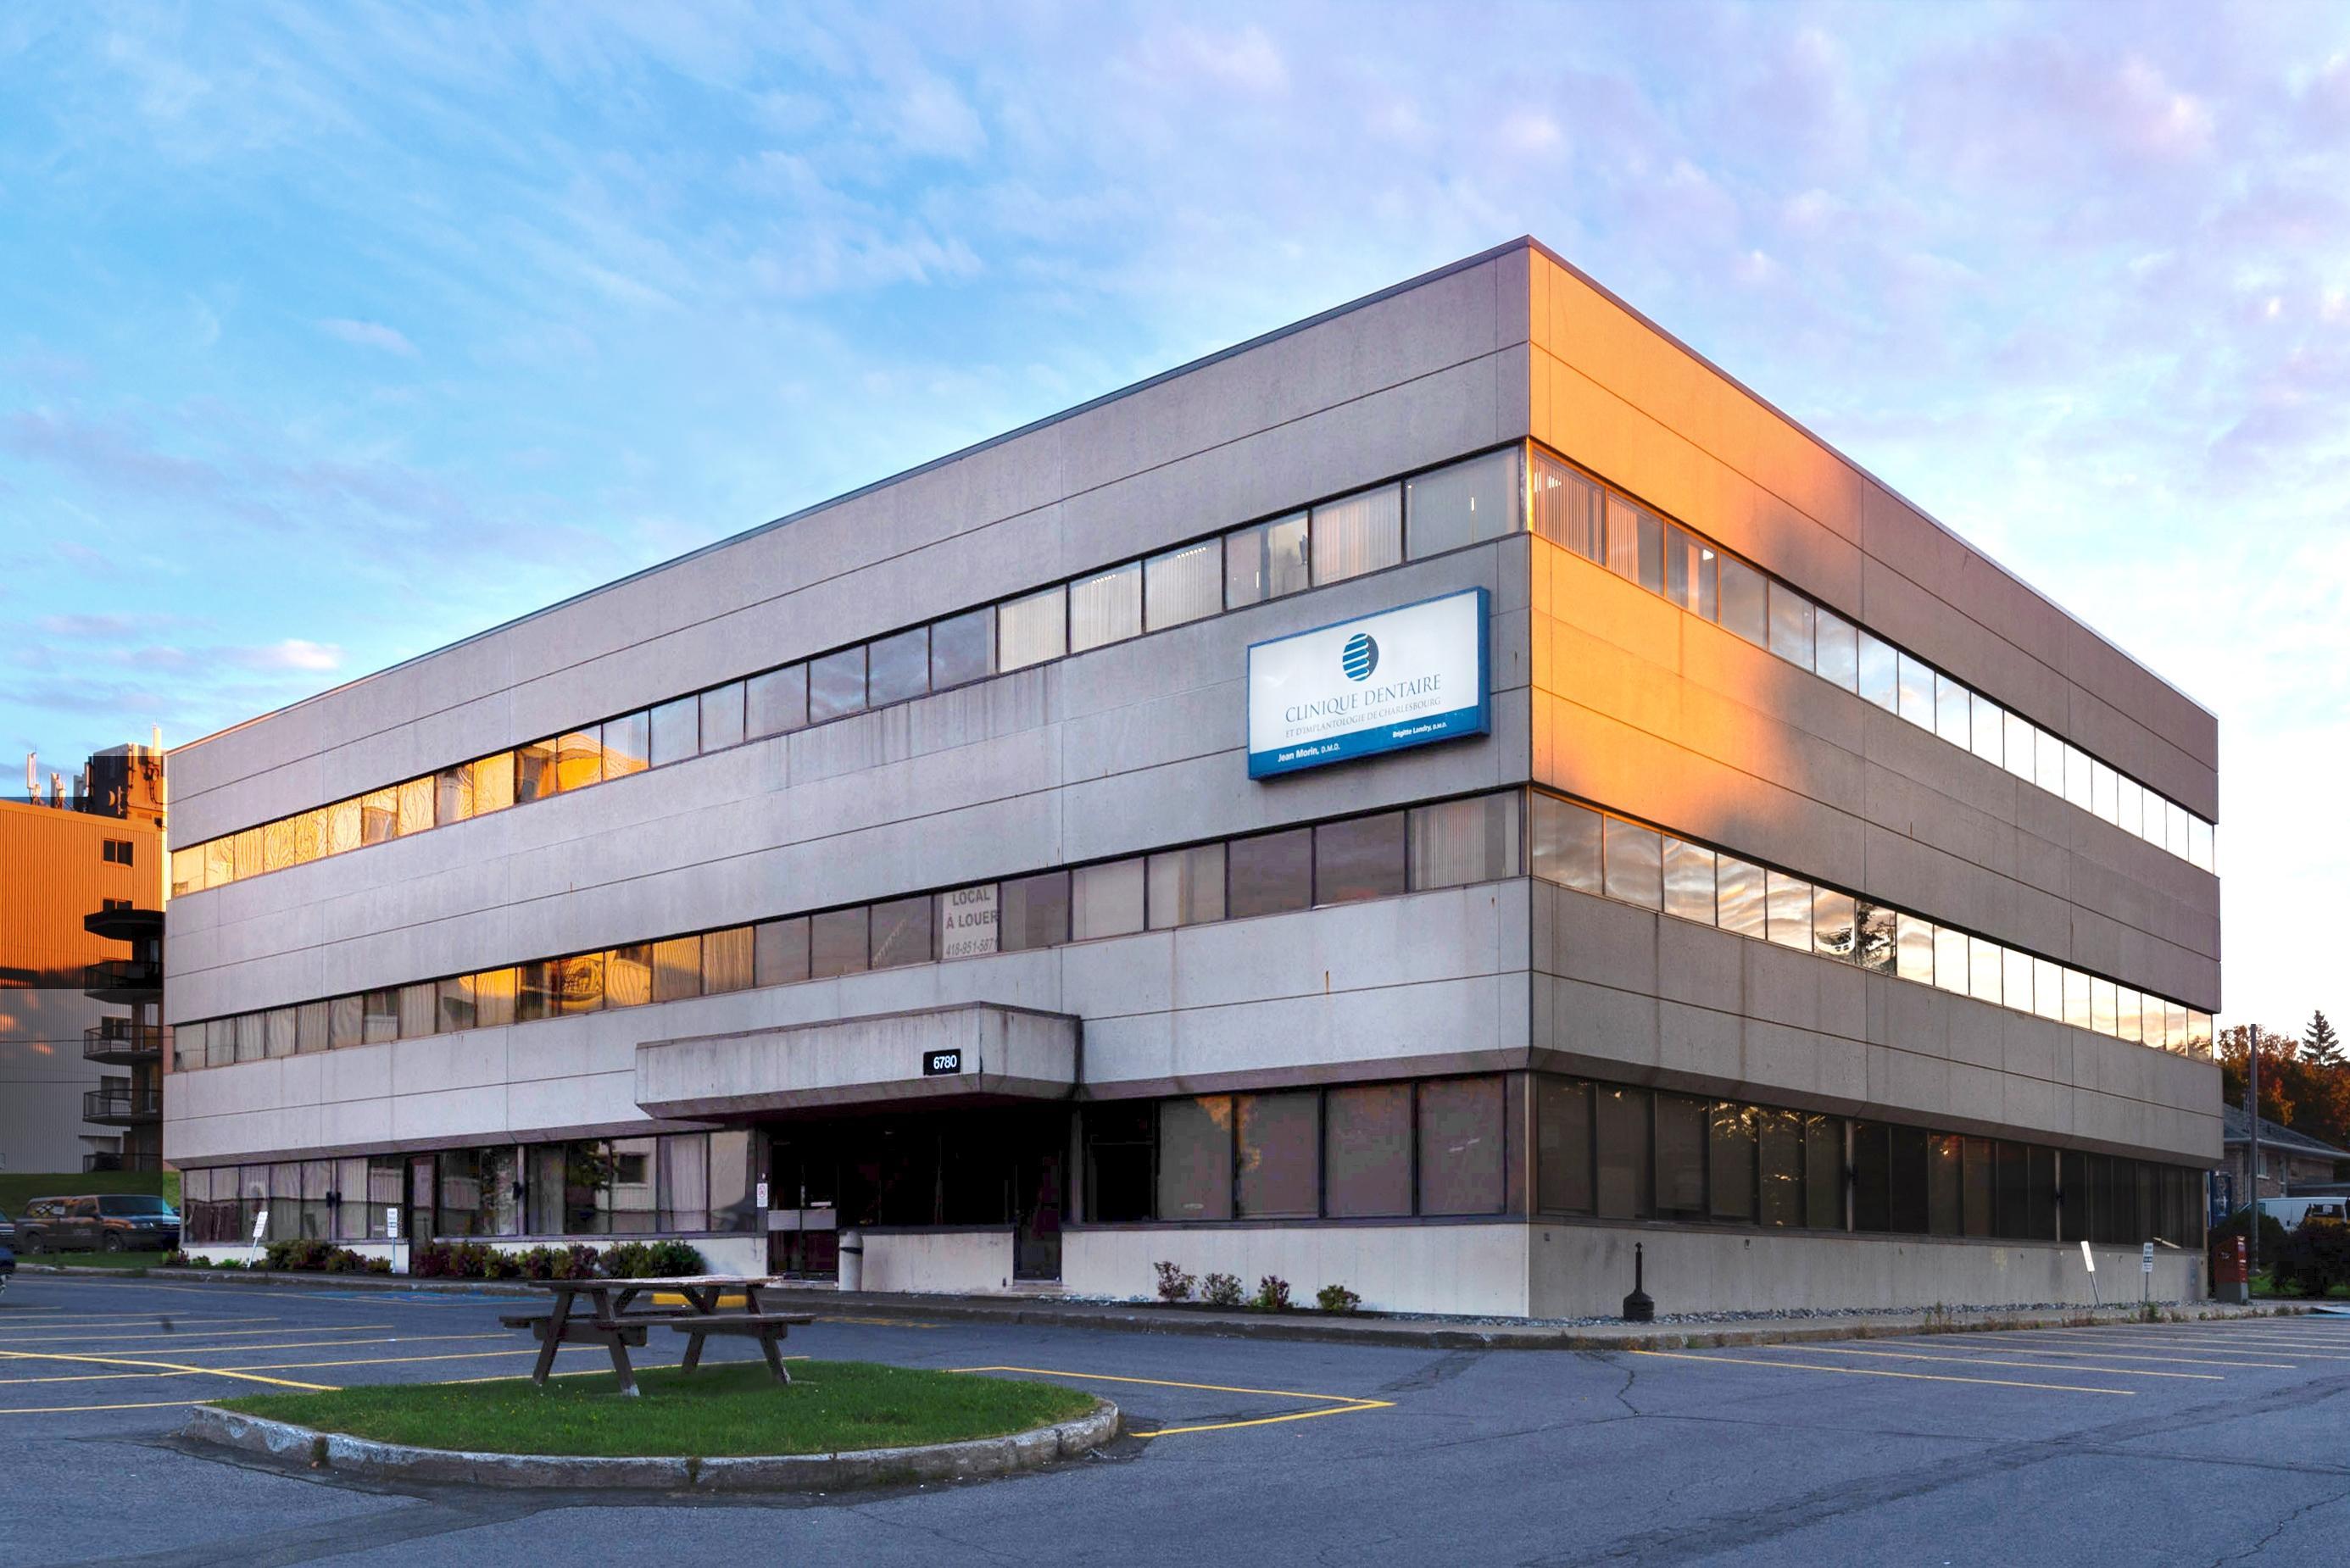 6780 avenue 1st, Québec (ville), Québec